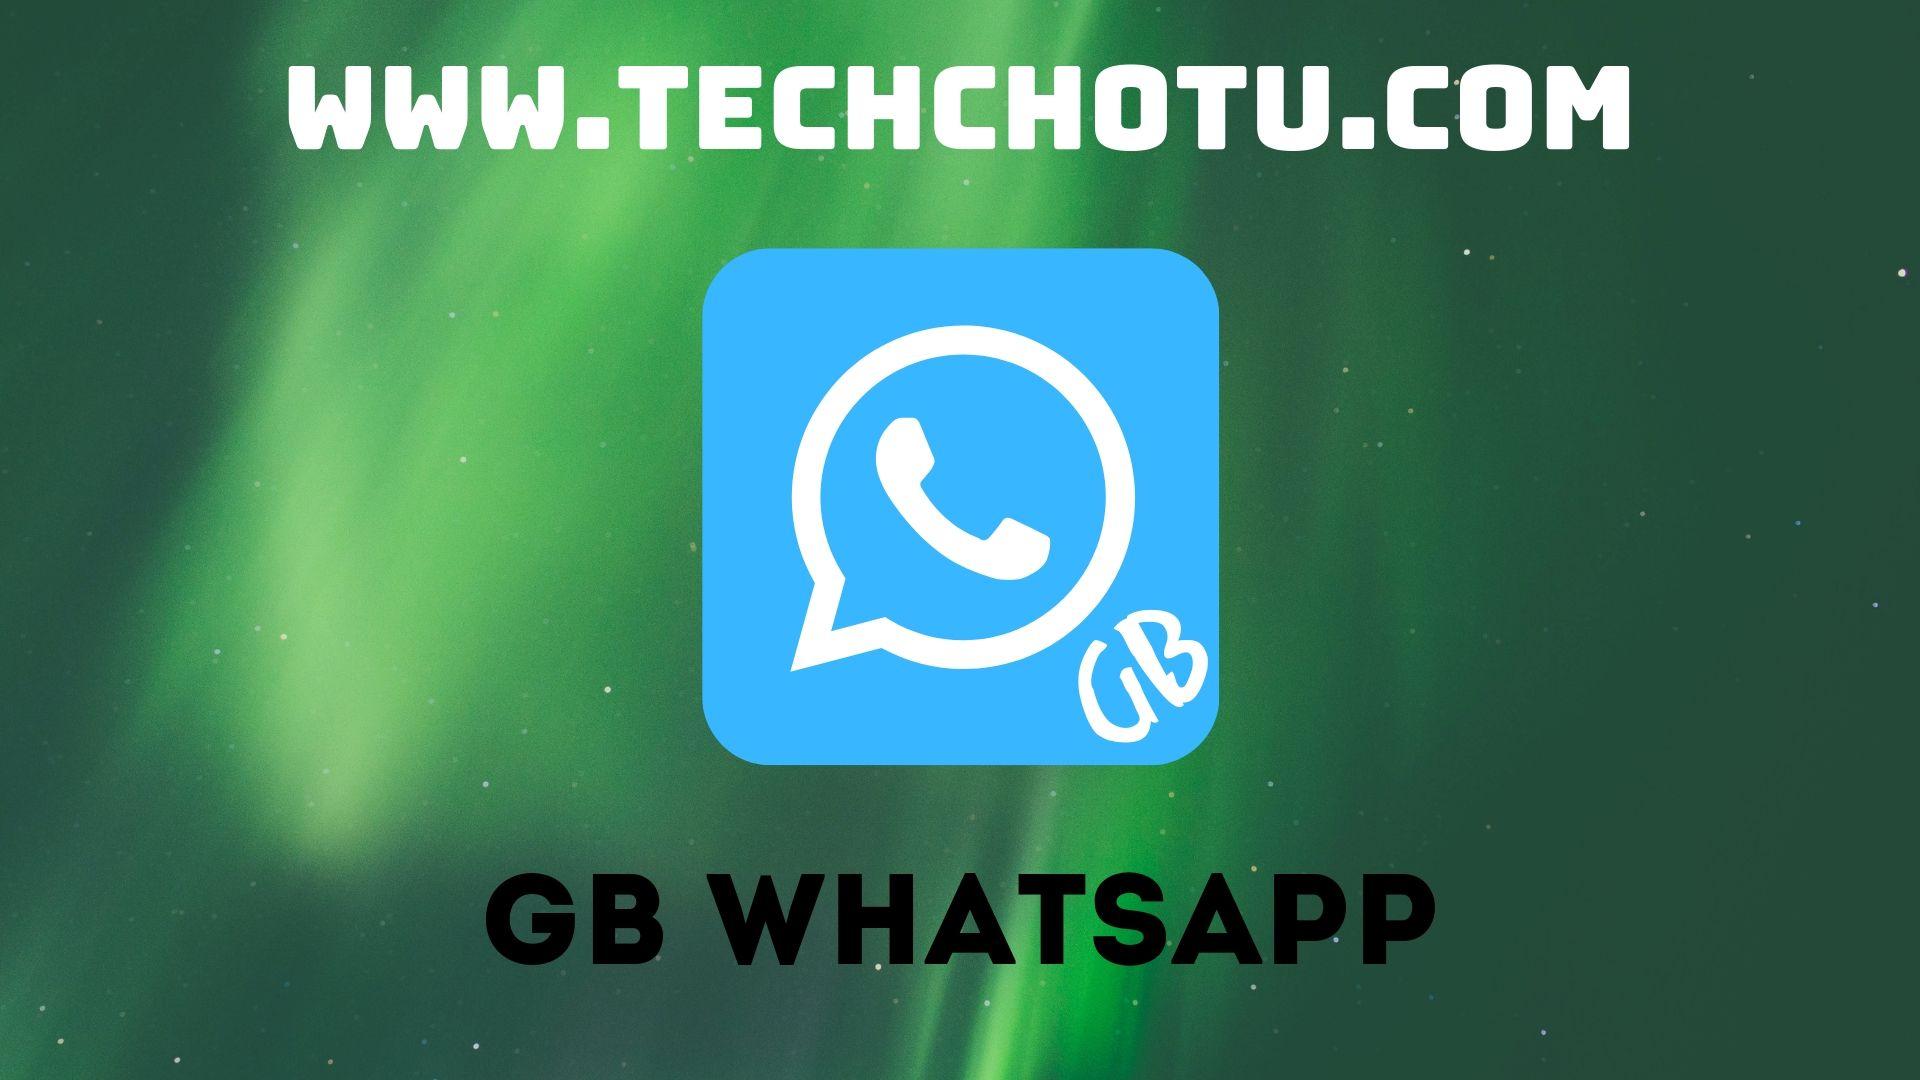 3819384297?profile=original